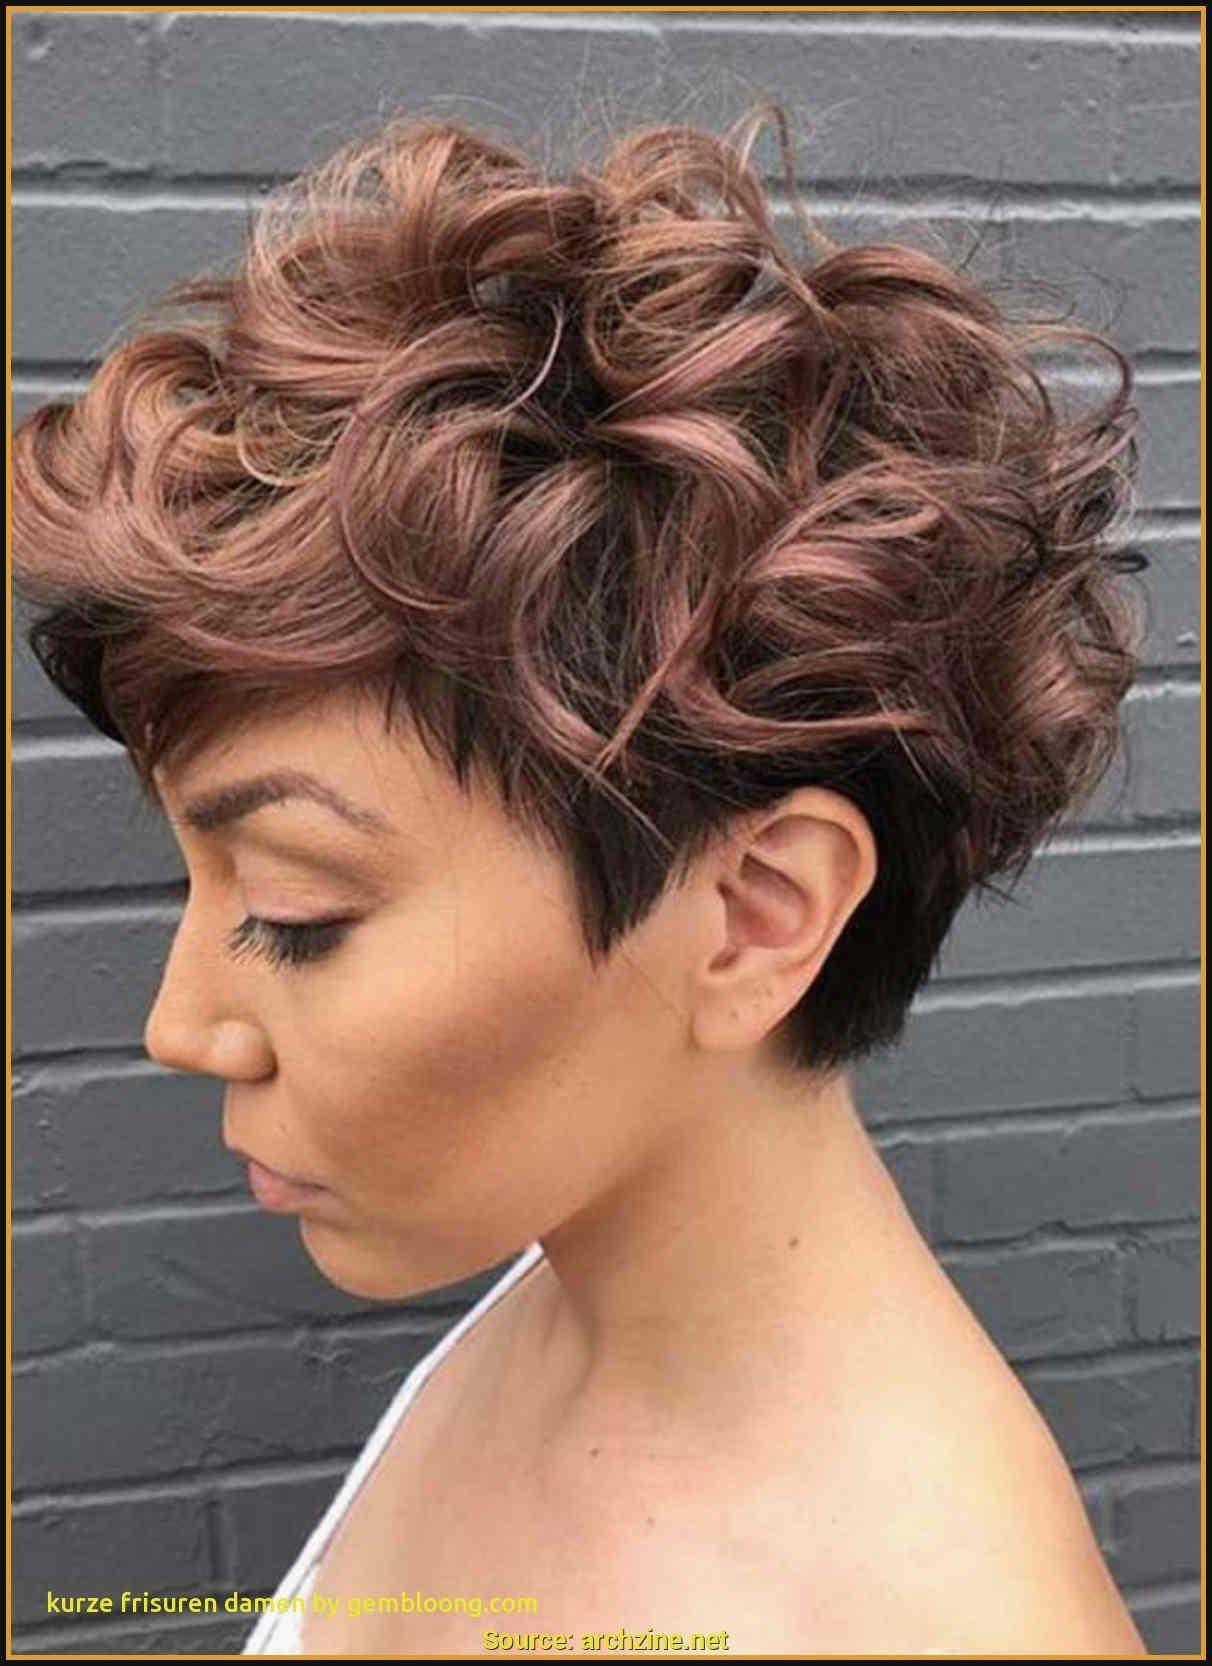 Locken Frisur Kurz 20 Finest Dekor Bezieht Sich Auf Locken Frisur Einfache Frisure Frisuren Kurzhaarfrisur Locken Haarschnitt Fur Lockige Haare